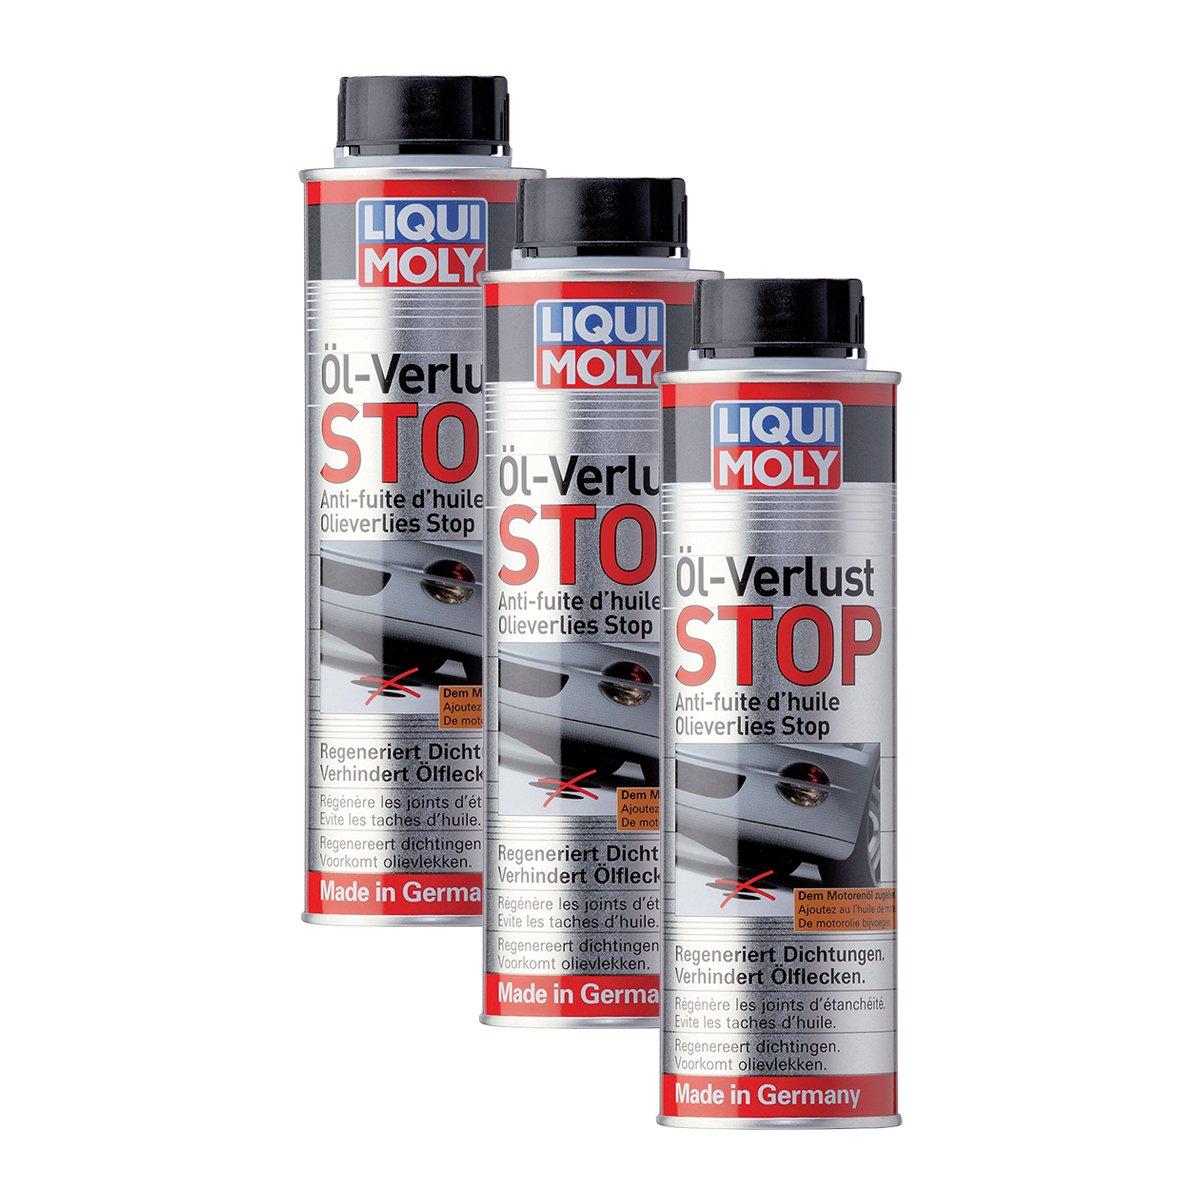 Liqui Moly 1005 - Sellador de fugas de aceite (300 ml): Amazon.es: Coche y moto